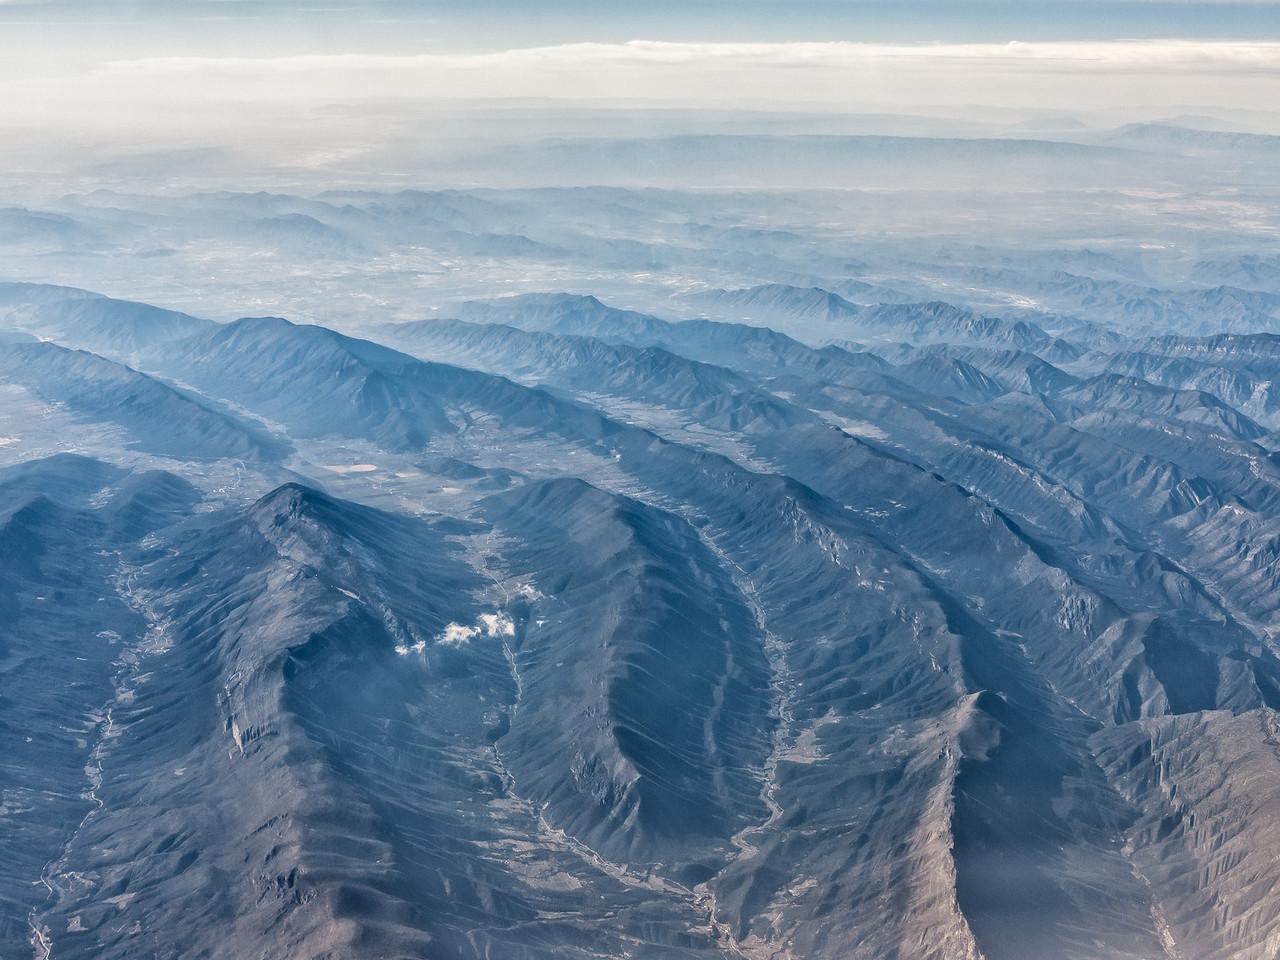 Sierra Madres #1